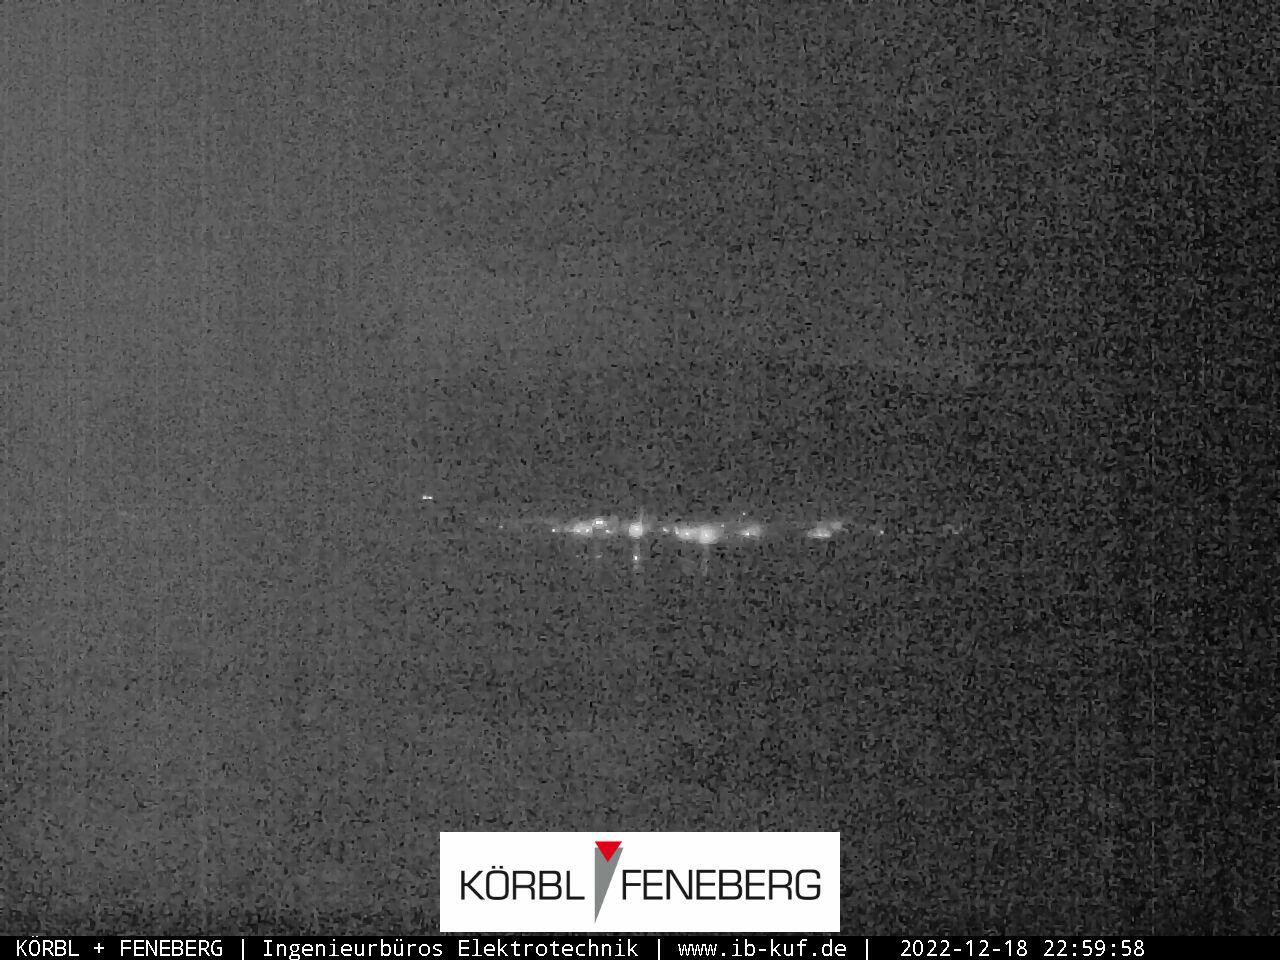 Panorama Webcam Allgäu - Füssen - Der Blick von Ingenieurbüro Körbl & Feneberg auf den Forggensee und die Kirche St.Maria und Florian in Waltenhofen, dahinter der Tegelberg